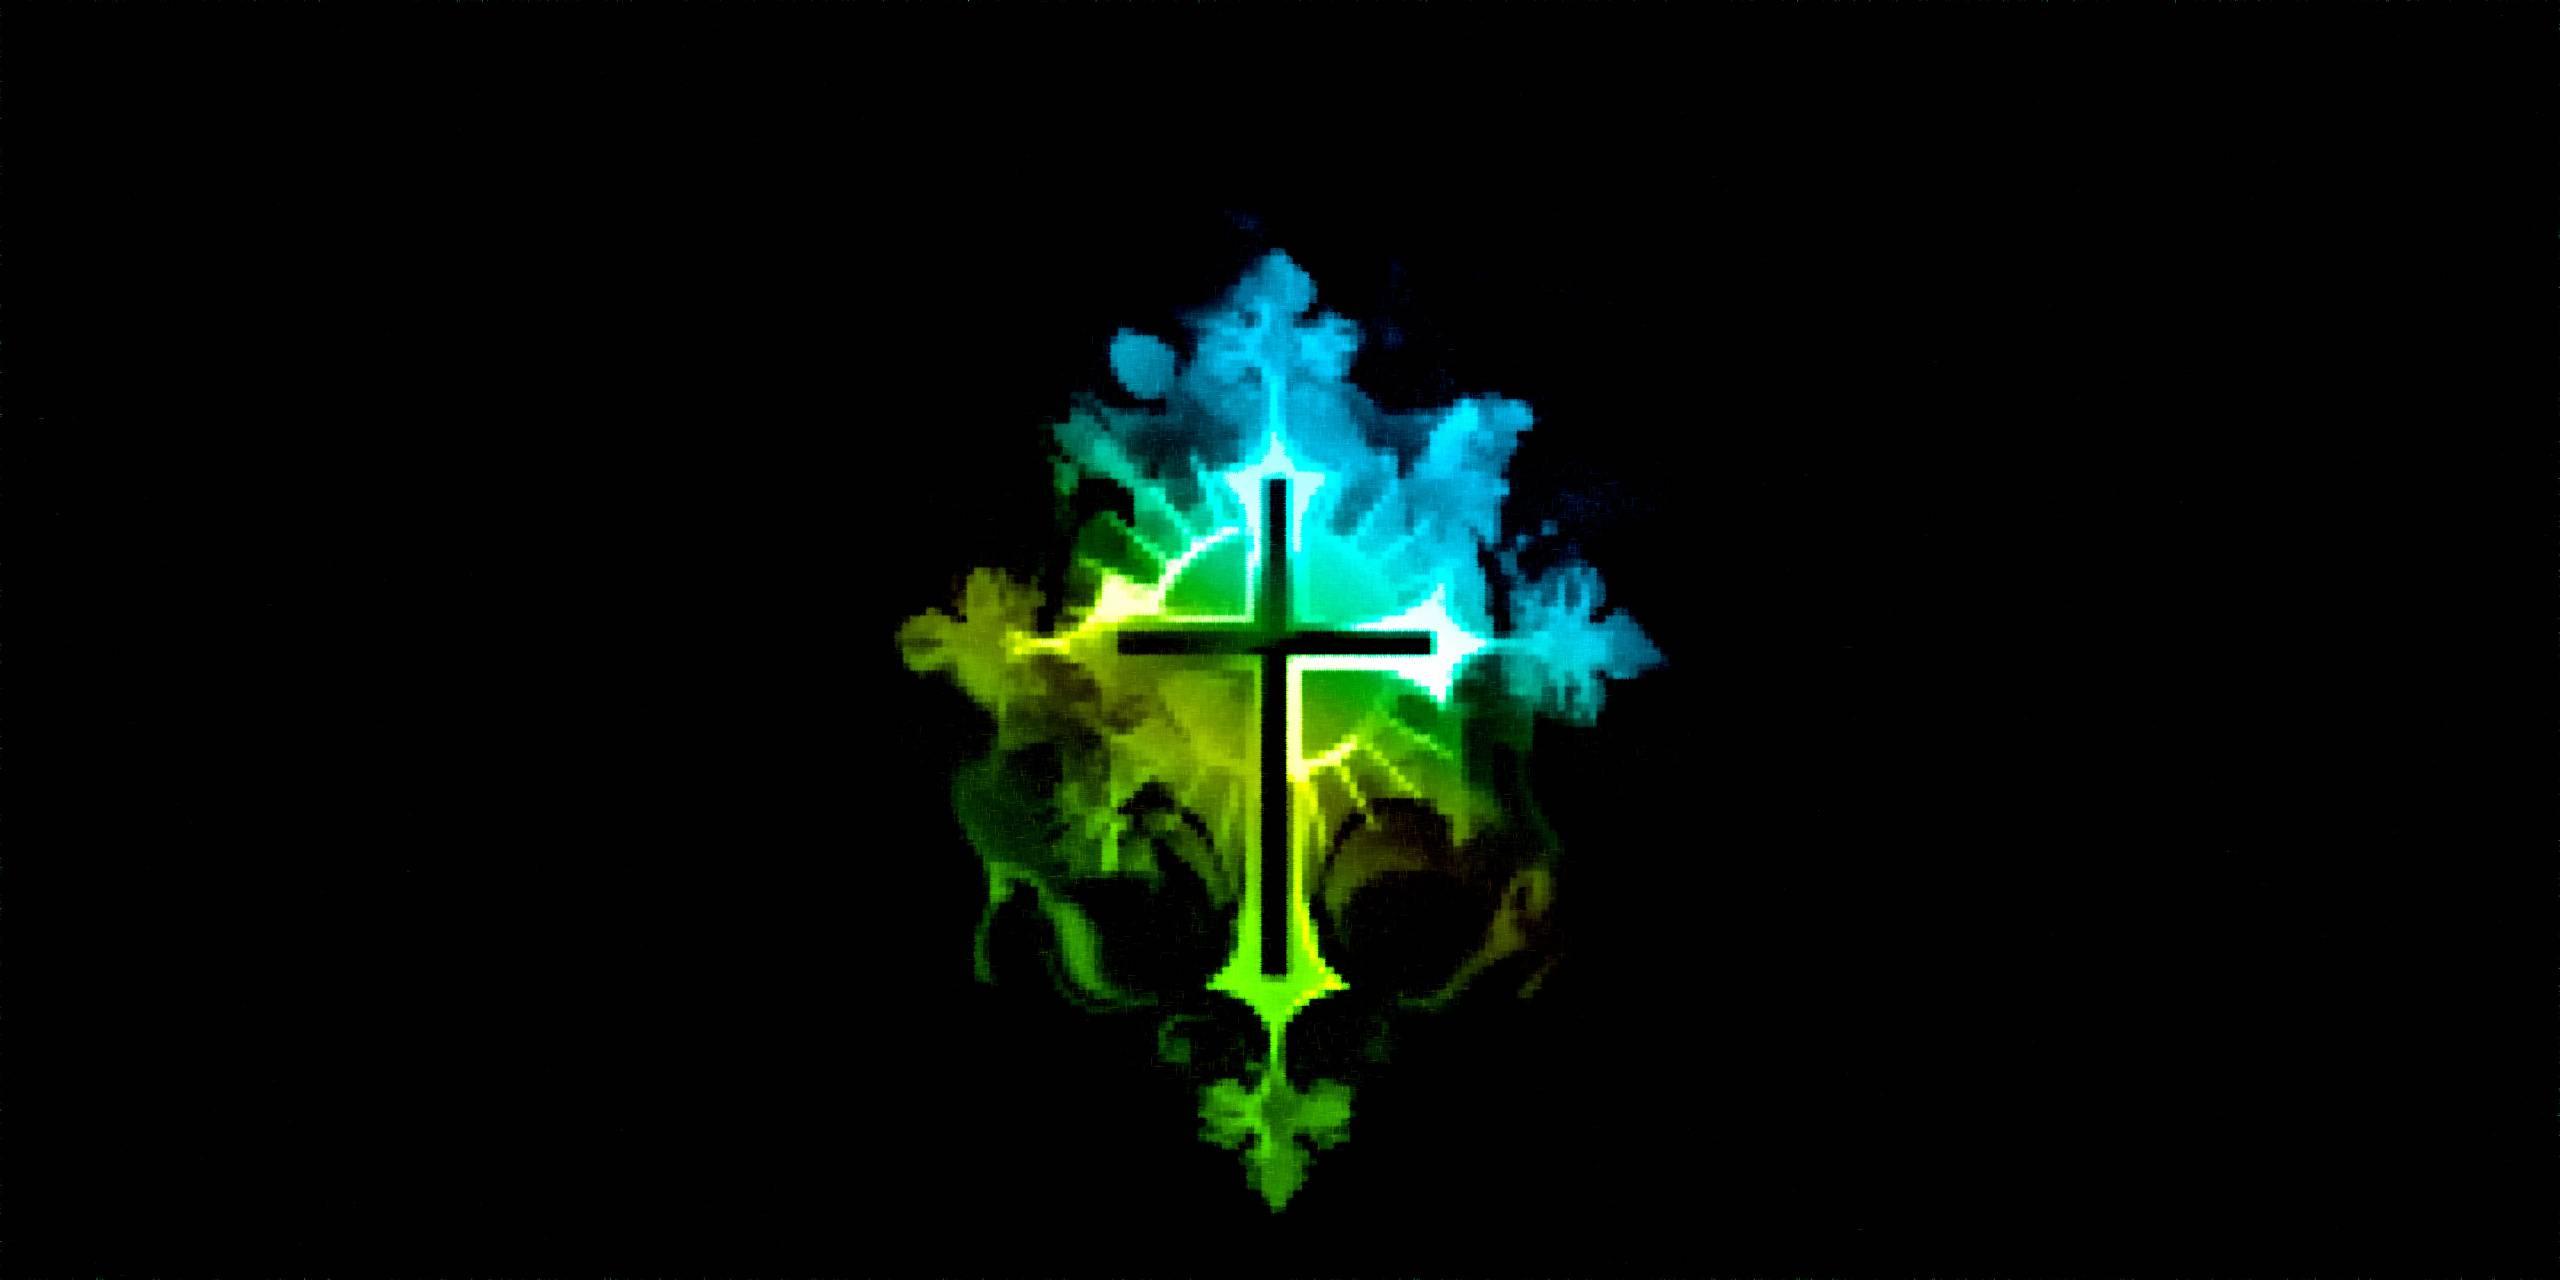 Aqua Green Cross